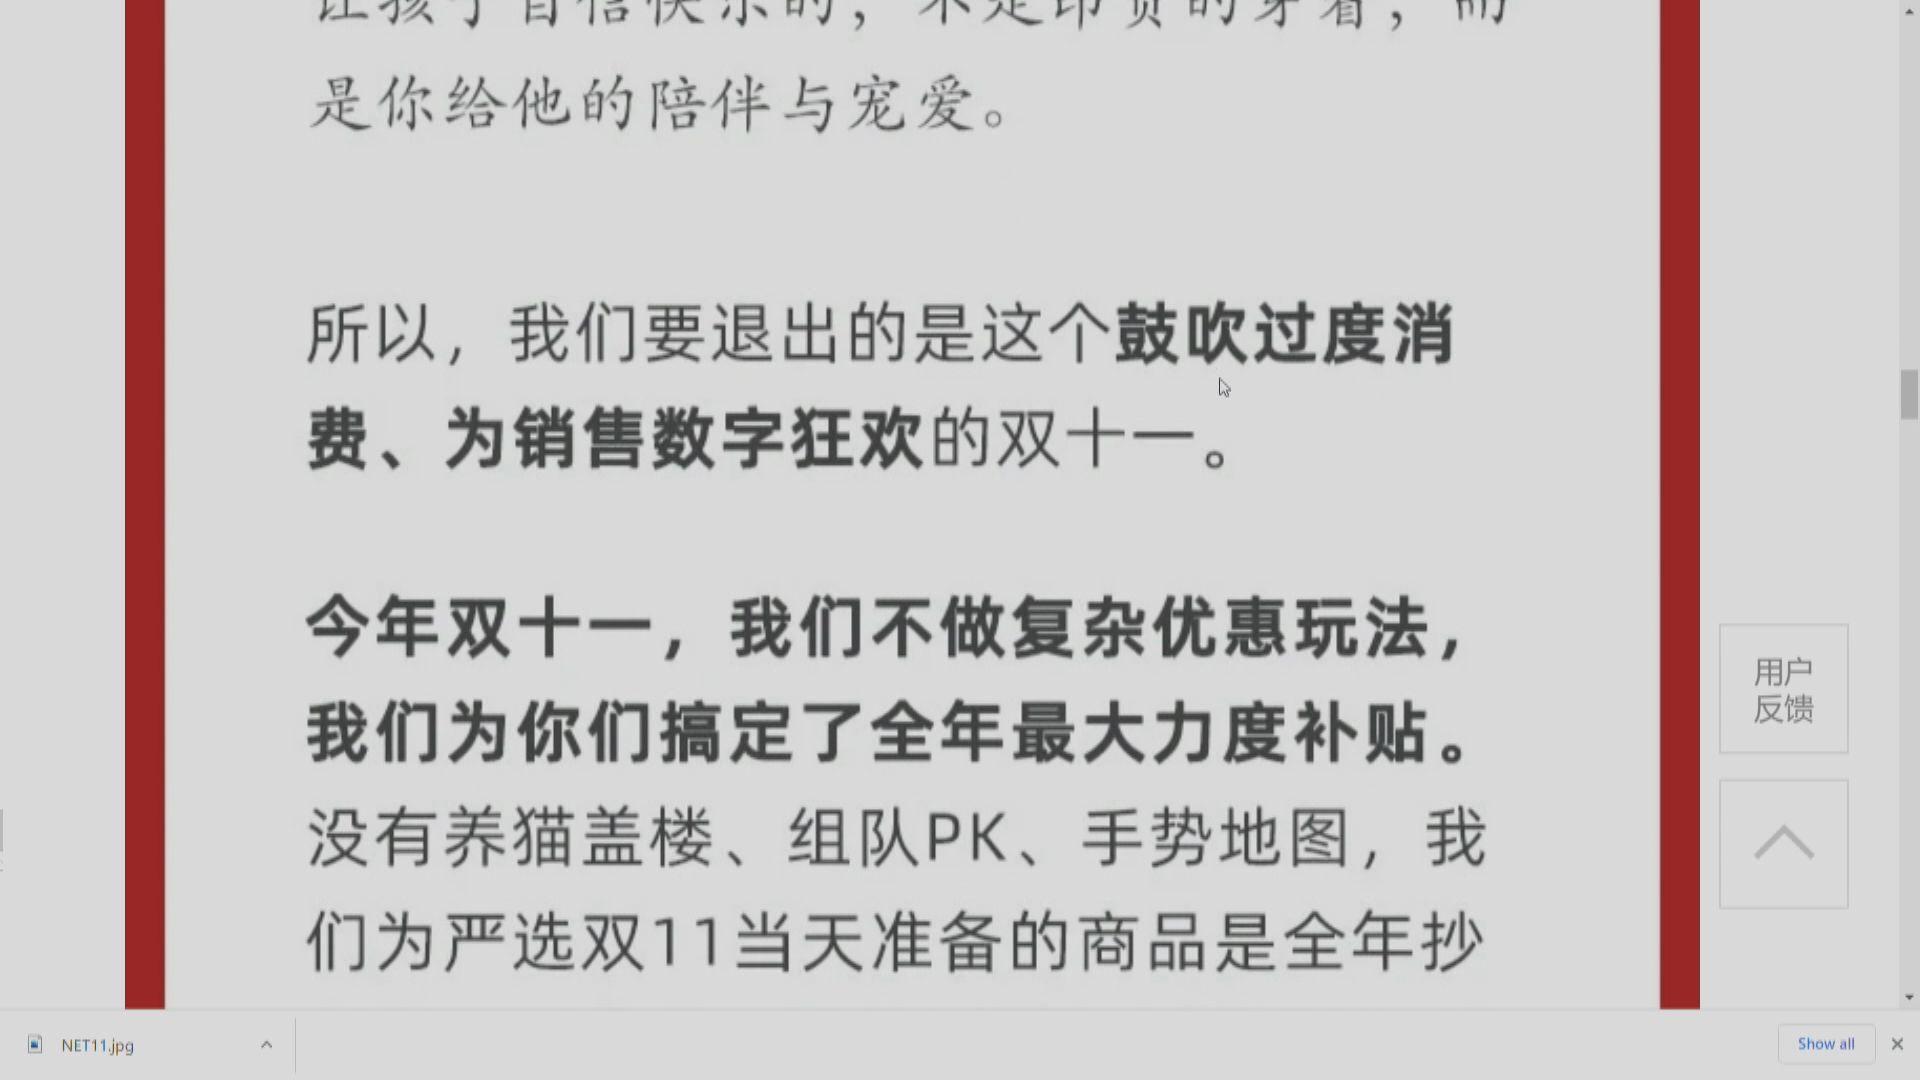 網易宣布退出今年電商「雙11」大戰